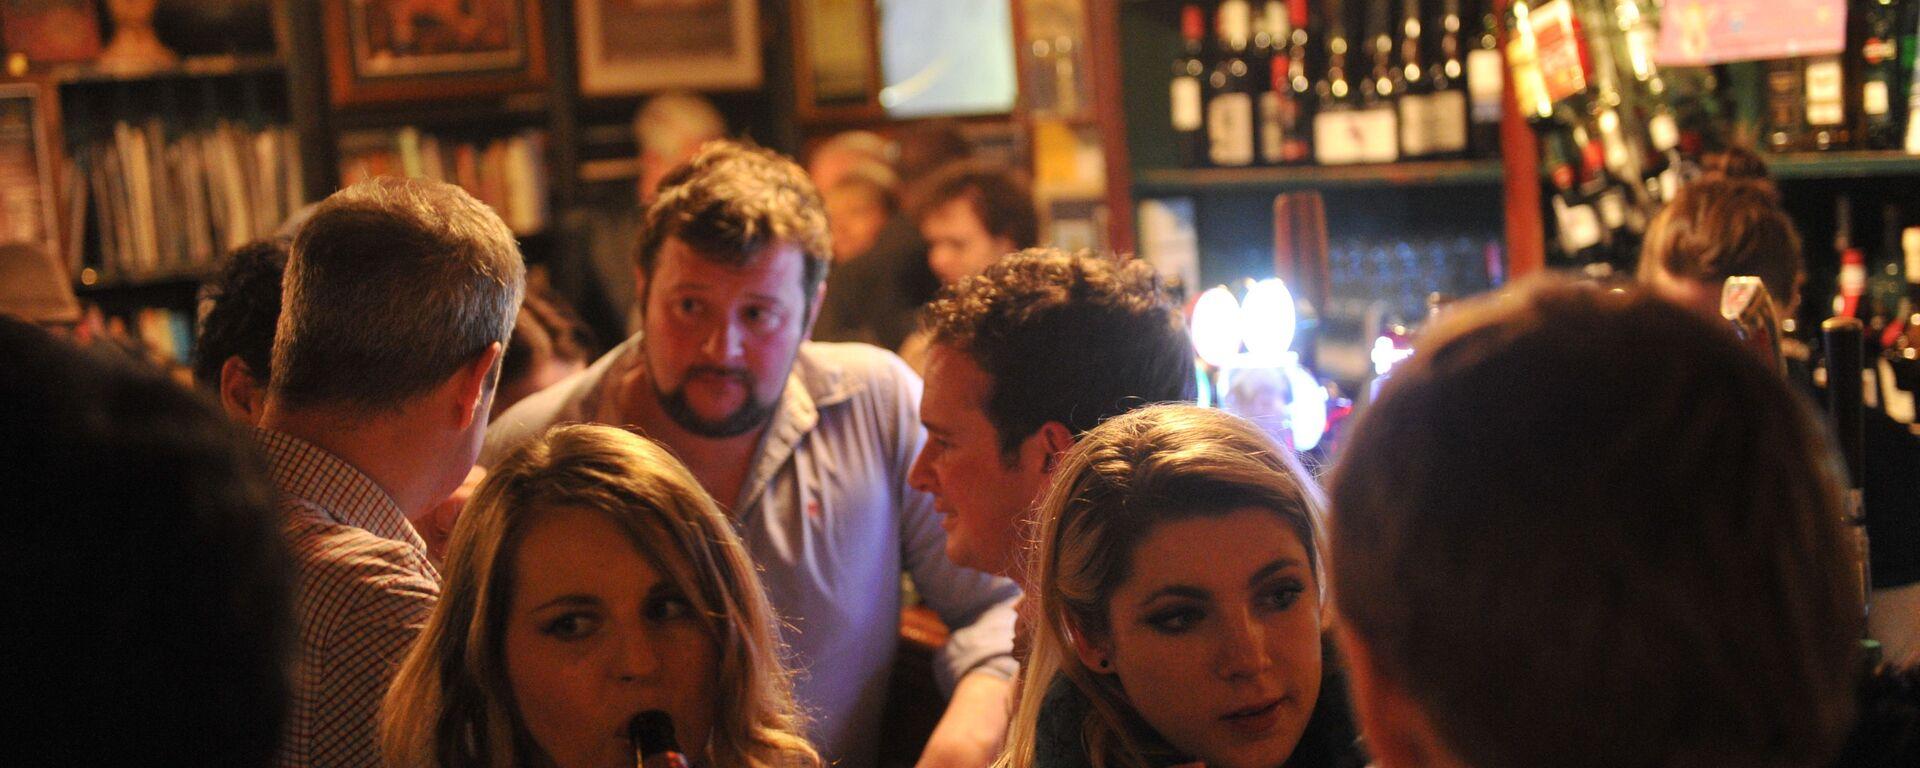 In un pub di Dublino - Sputnik Italia, 1920, 25.03.2021